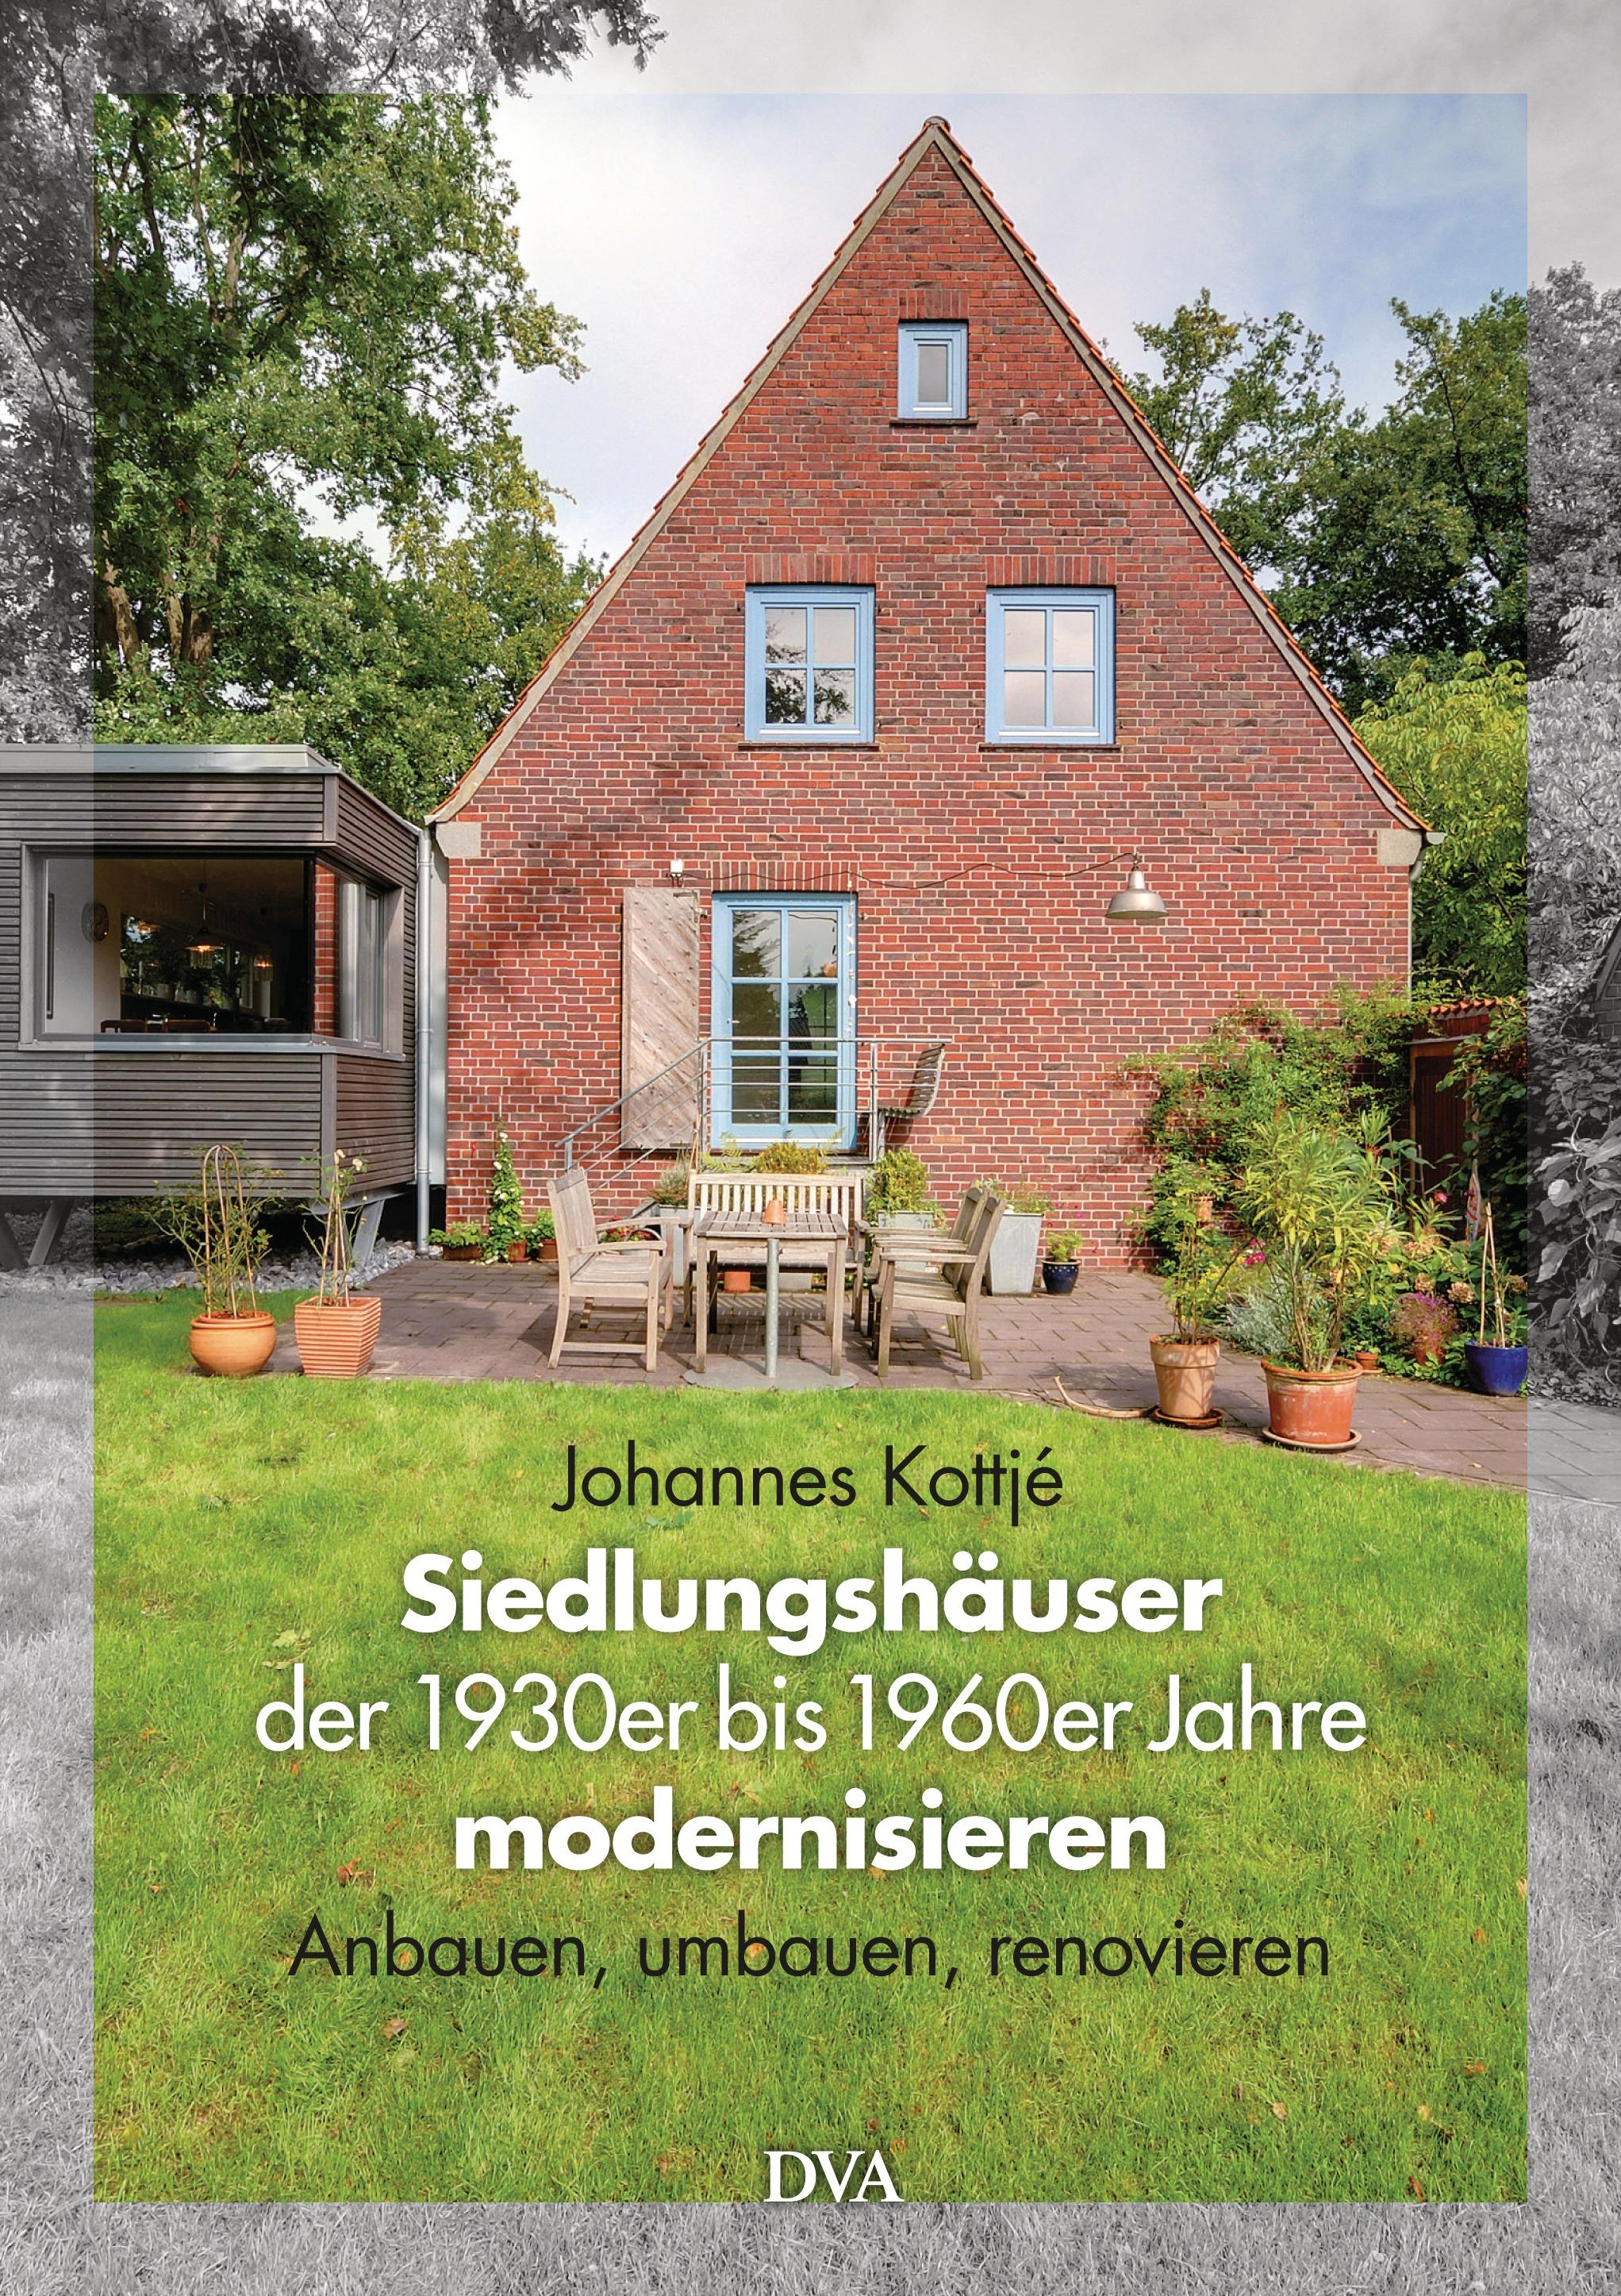 Siedlungshäuser der 1930er bis 1960er Jahre modernisieren: Anbauen, umbauen, renovieren - Johannes Kottjé